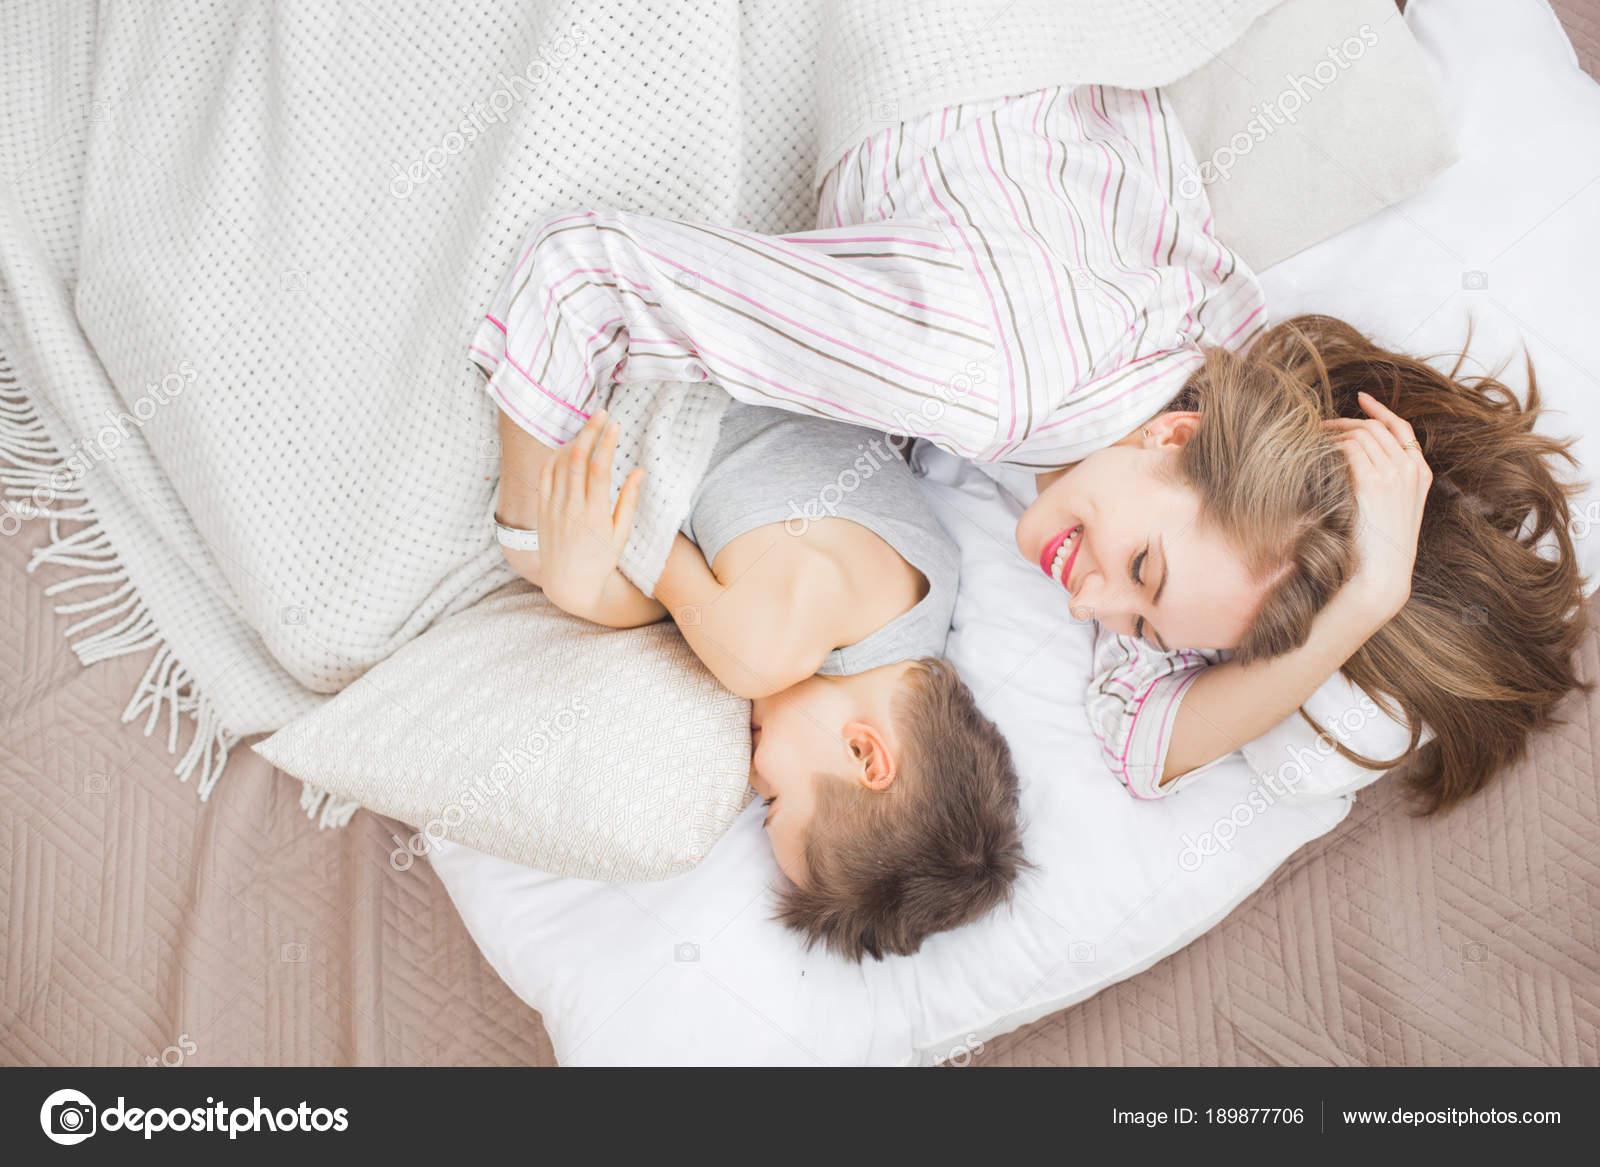 Сын трахает родную мать в жопу, Как сын трахает маму уникальное видео в качестве HD 19 фотография